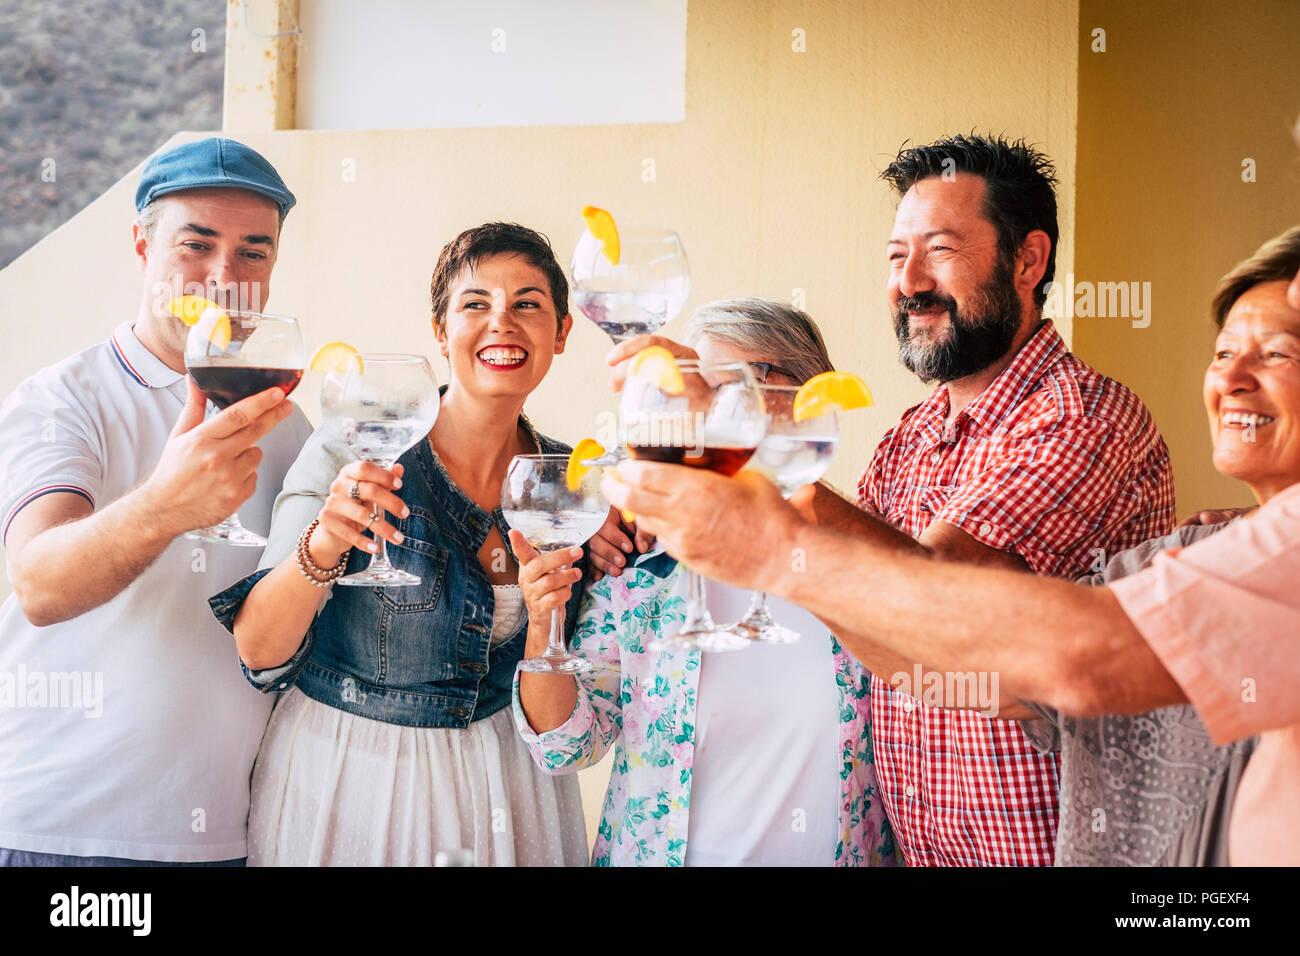 Altersgemischte Gruppe der kaukasischen Völker Spaß feiern gemeinsam ein Event trinken Cocktail mit Rotwein weißer Wodka. Urlaub-Konzept mit Hap Stockbild